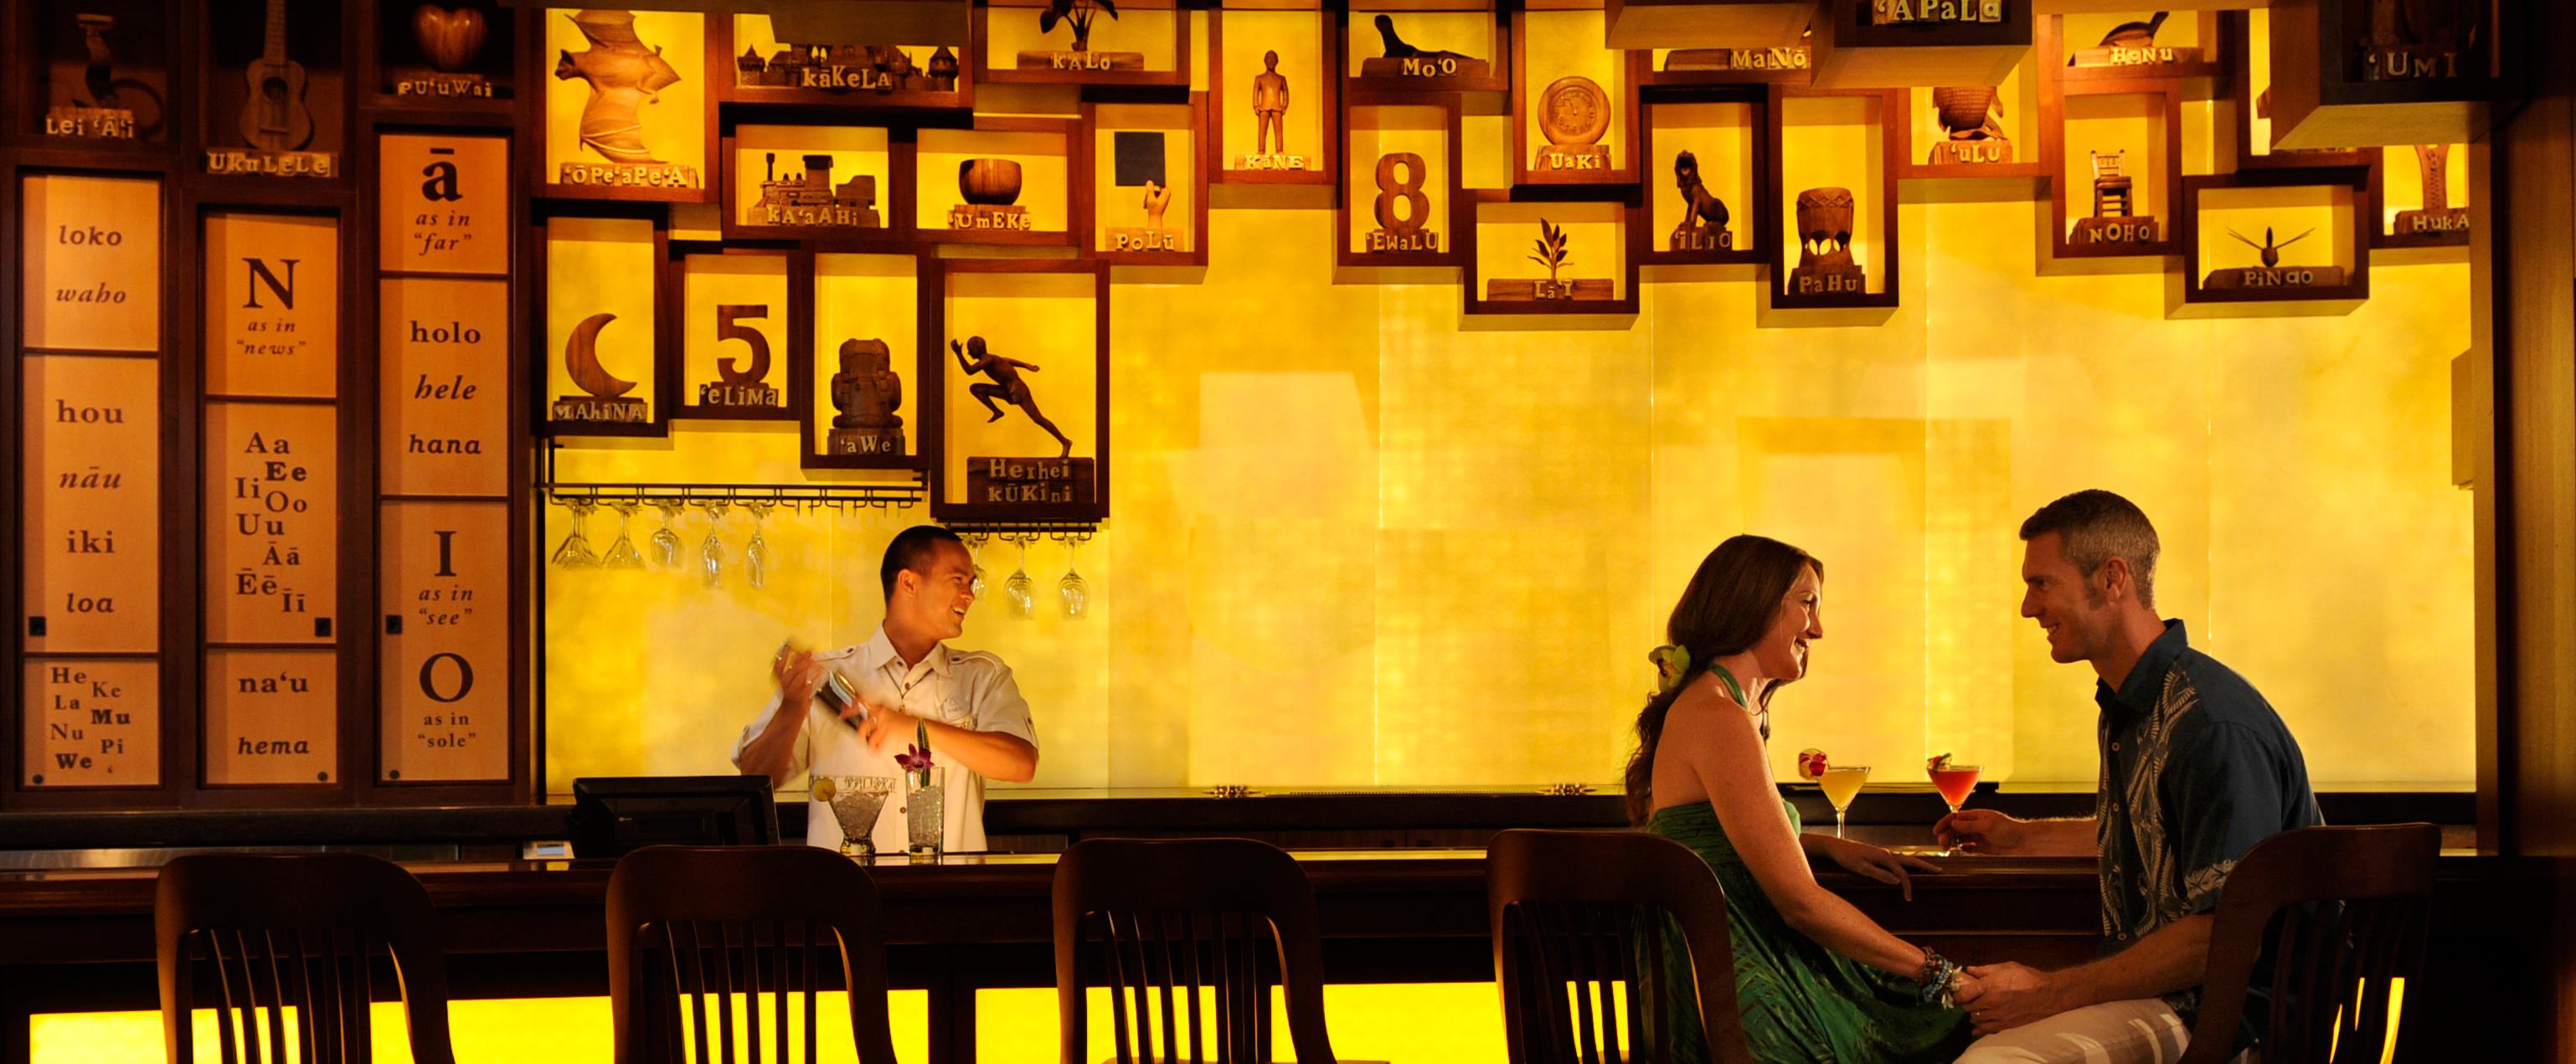 目の前で照らし出される言葉を楽しみながら、パイナップル・パパイヤ・コスモなどのオリジナルカクテルをお召し上がりください。